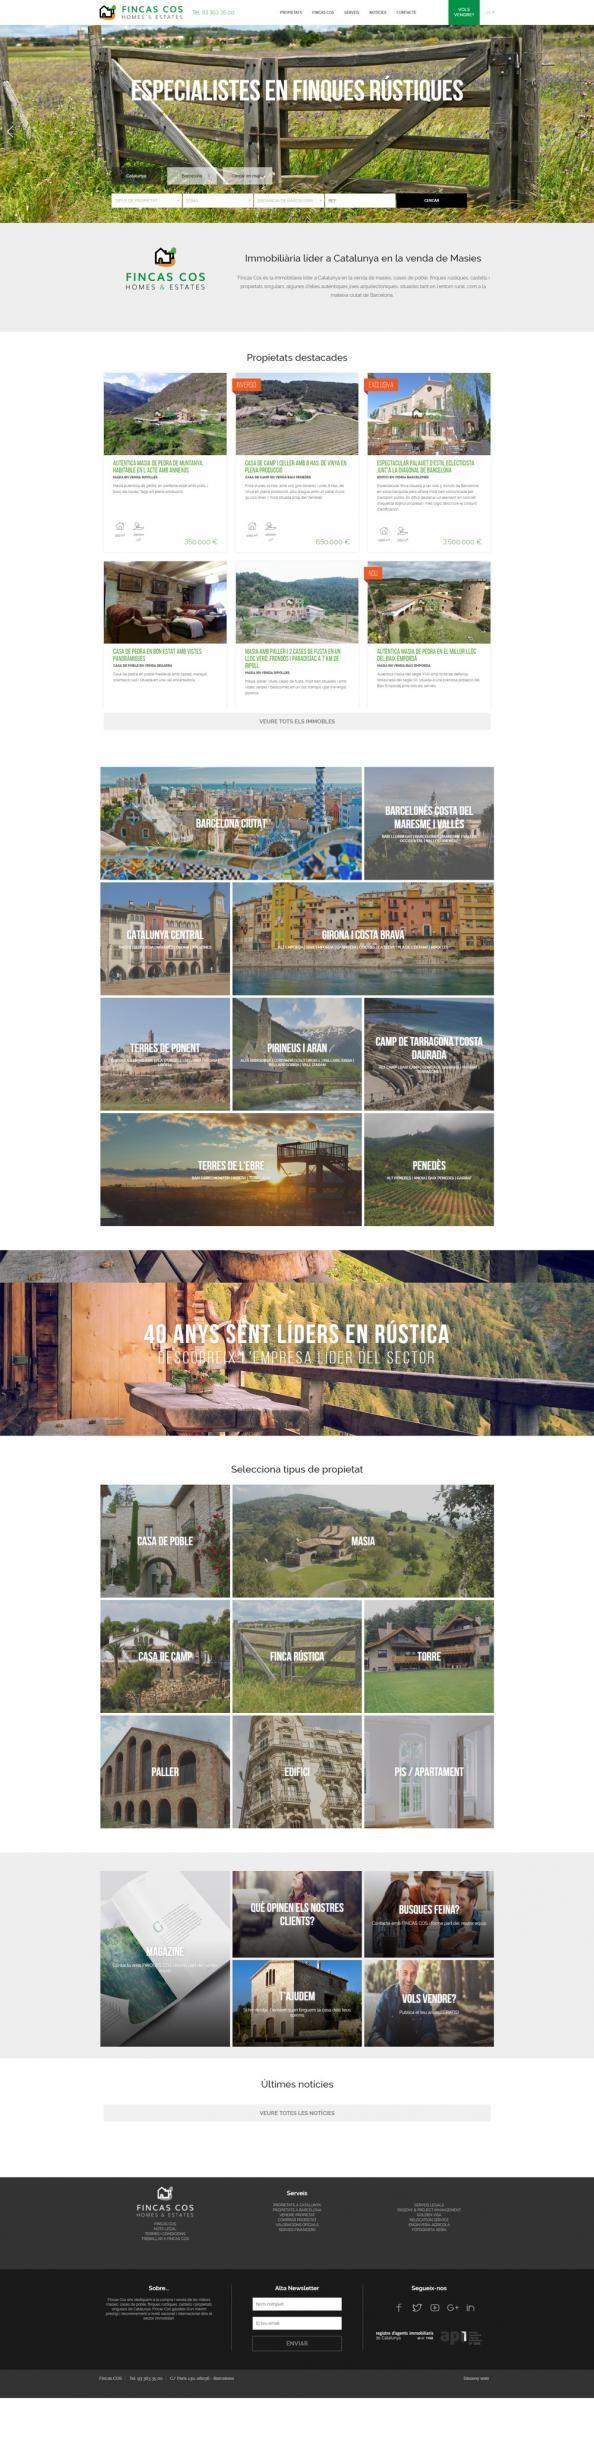 ¡Hola! Os presentamos Fincas Cos, inmobiliaria de masías en venta y fincas rústicas 🏠🏚️🏡. ¡Nos encanta el resultado!   https://www.latevaweb.com/fincas-cos-diseno-web-programacion-y-seo.html